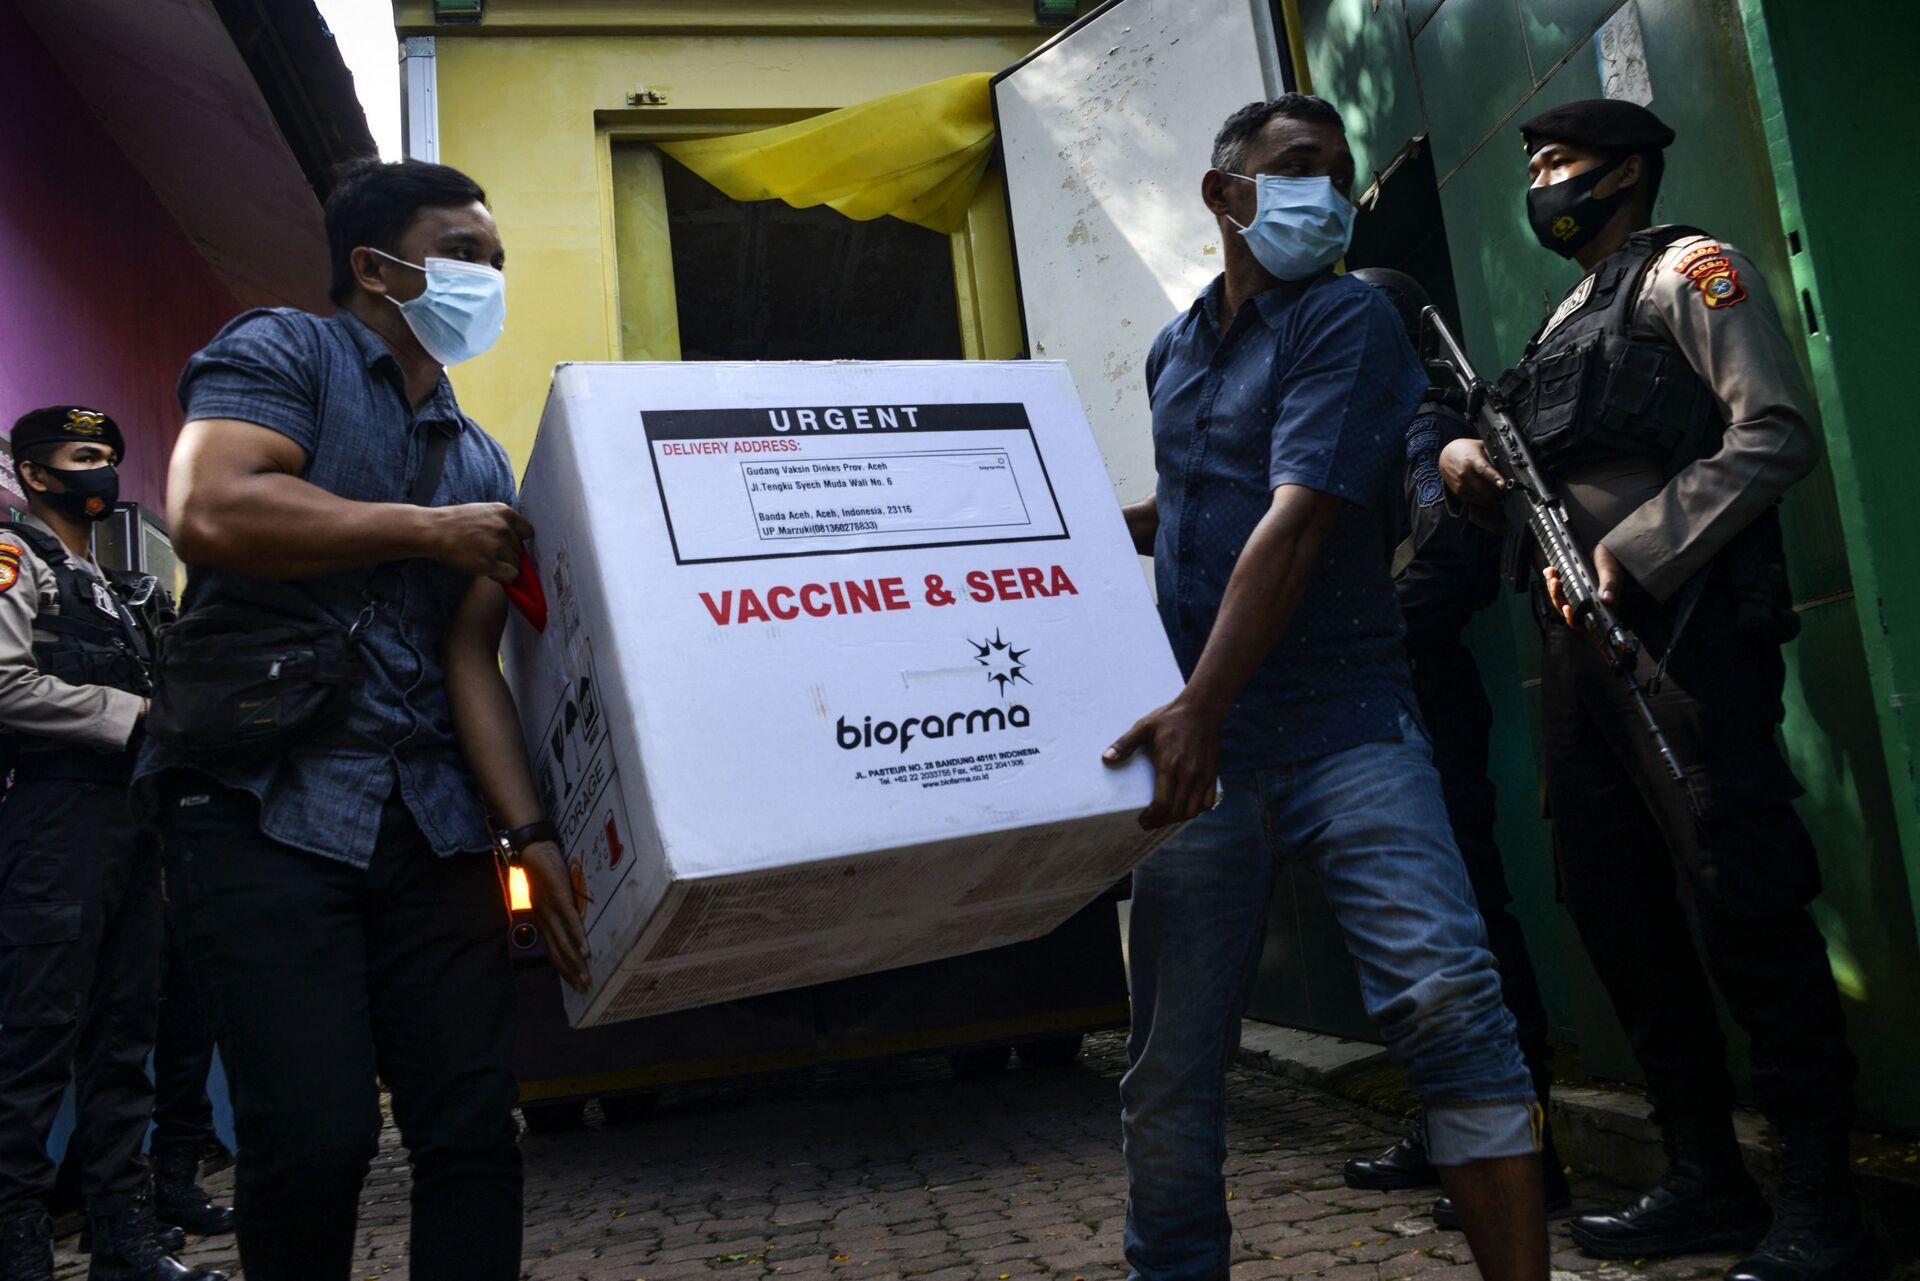 Thêm lô vaccine Trung Quốc được giao cho Indonesia - Sputnik Việt Nam, 1920, 21.06.2021